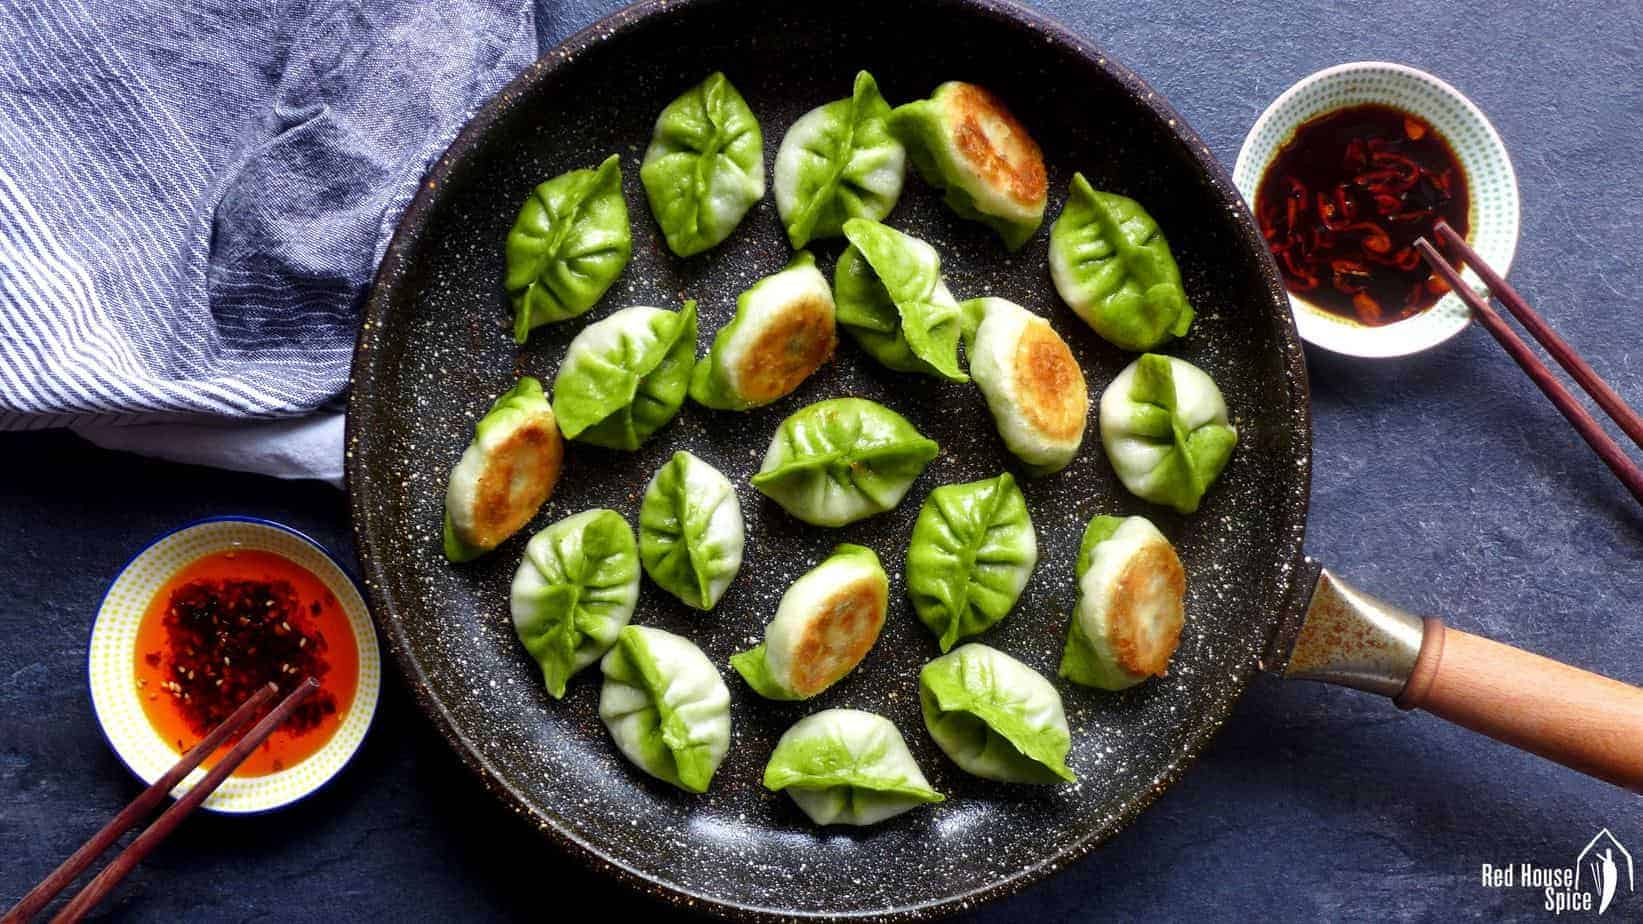 Pan-fried vegetarian dumplings / potstickers (素煎饺)